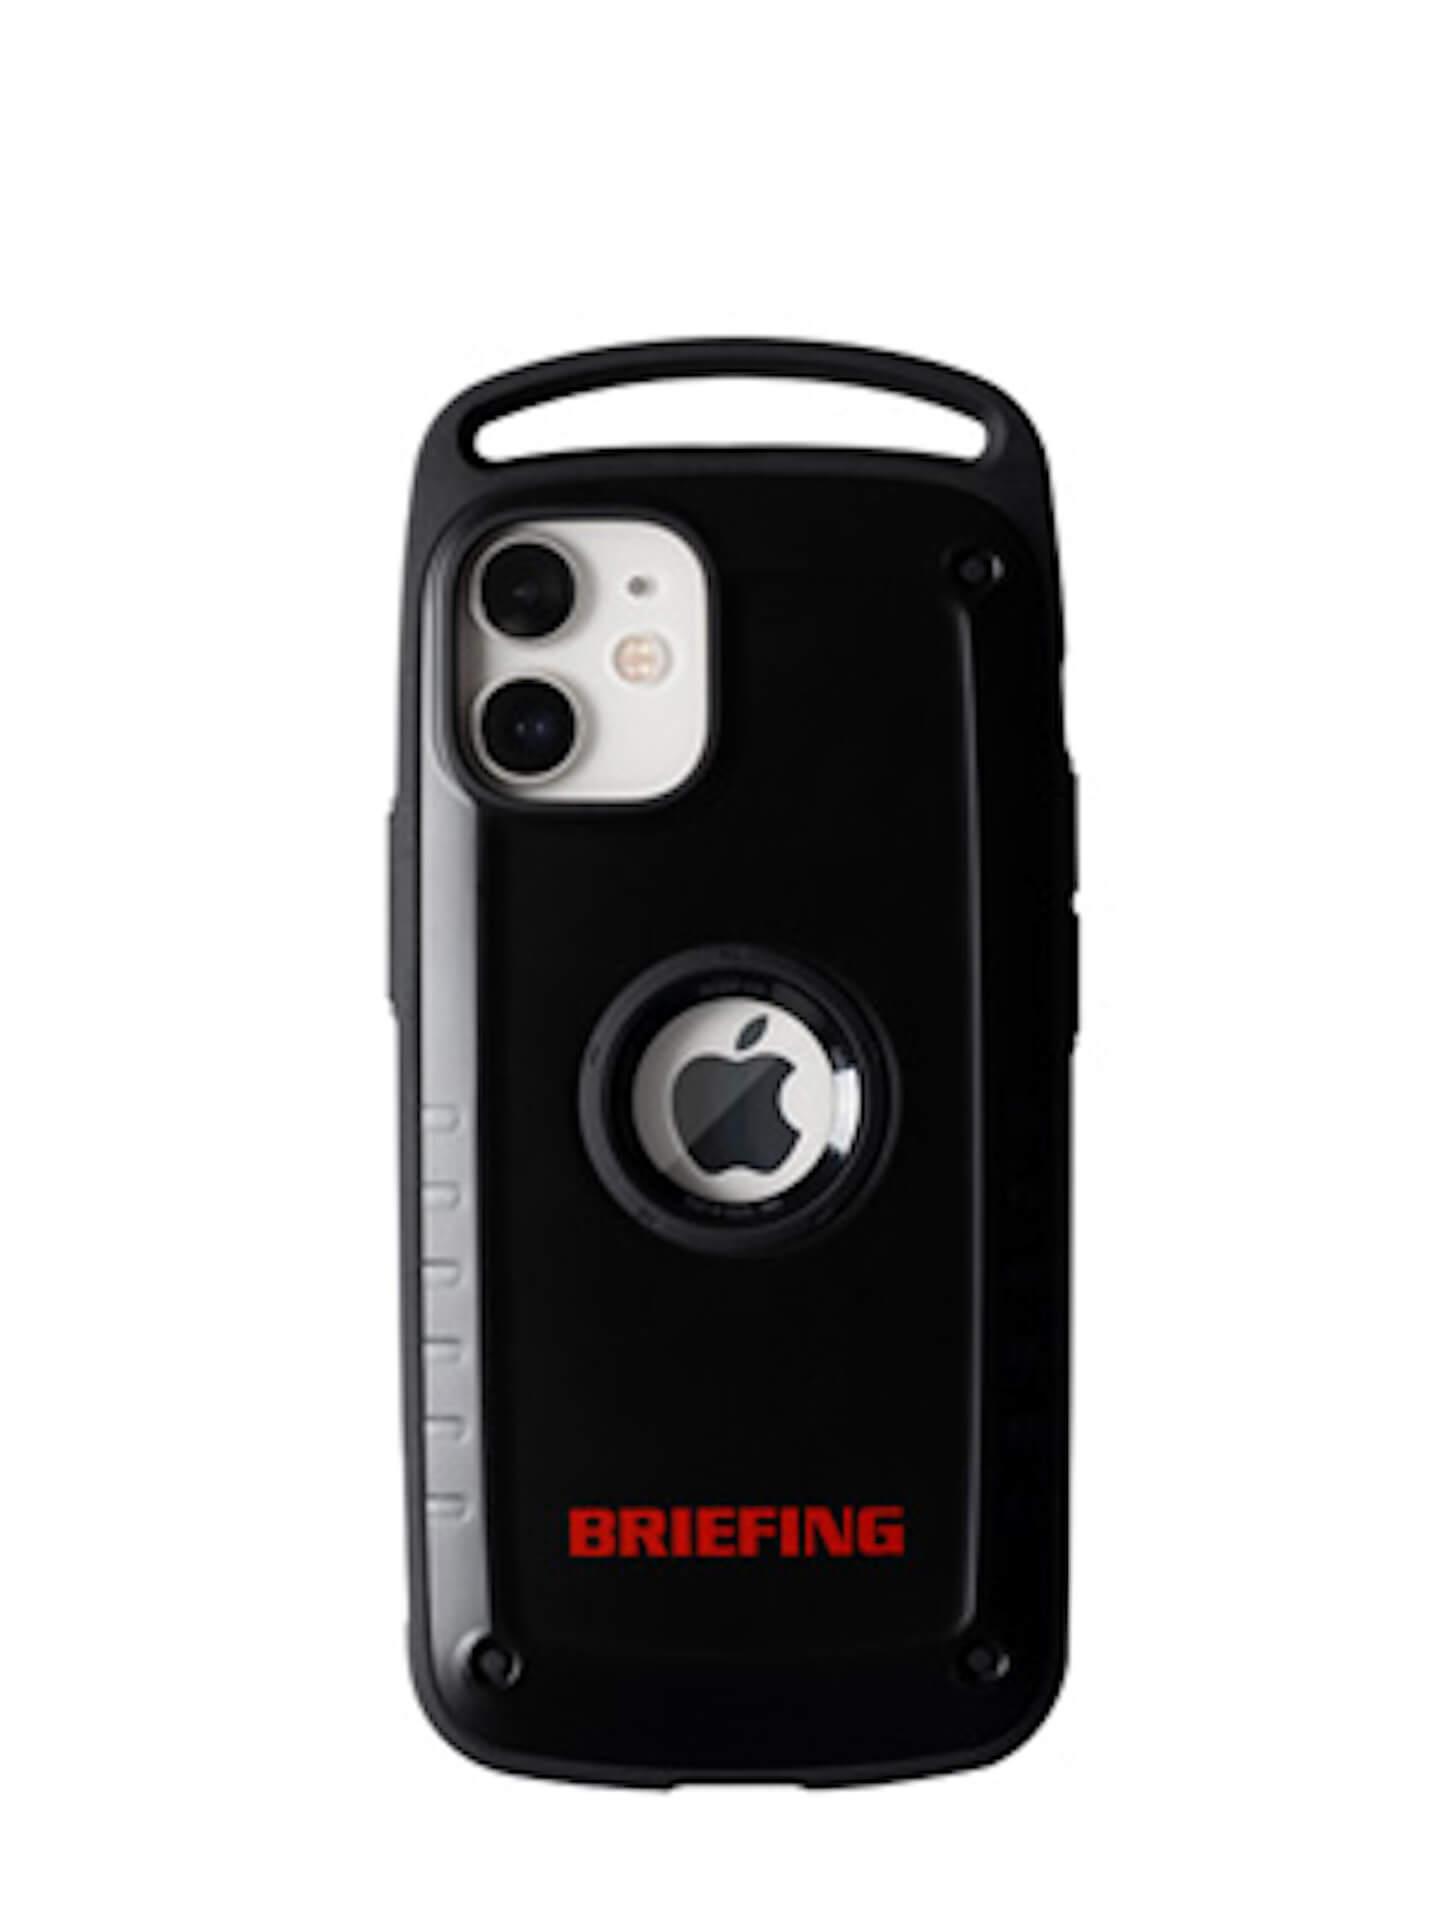 ROOTとBRIEFINGがコラボ!耐性試験に準拠したiPhone 12シリーズ用スマホケース&カラビナ付きキーホルダーが誕生 tech210219_root_briefing_7